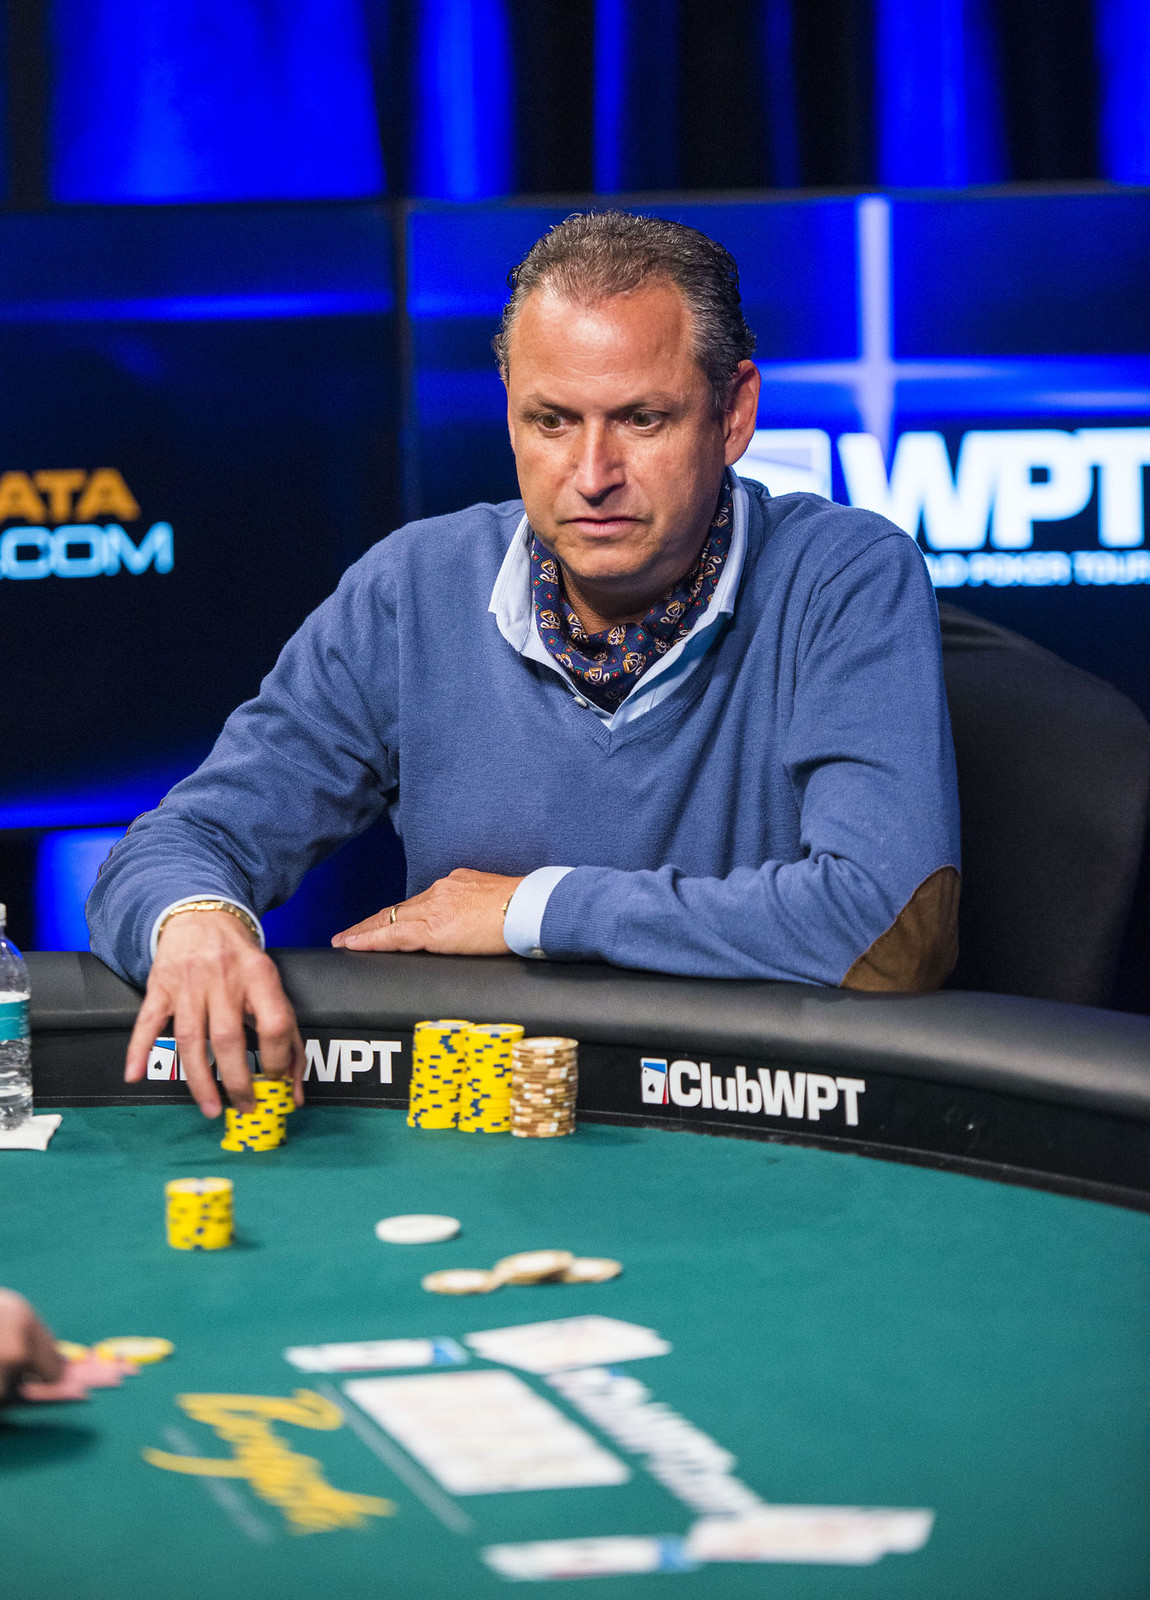 Wpt borgata poker open 2017 results saturday